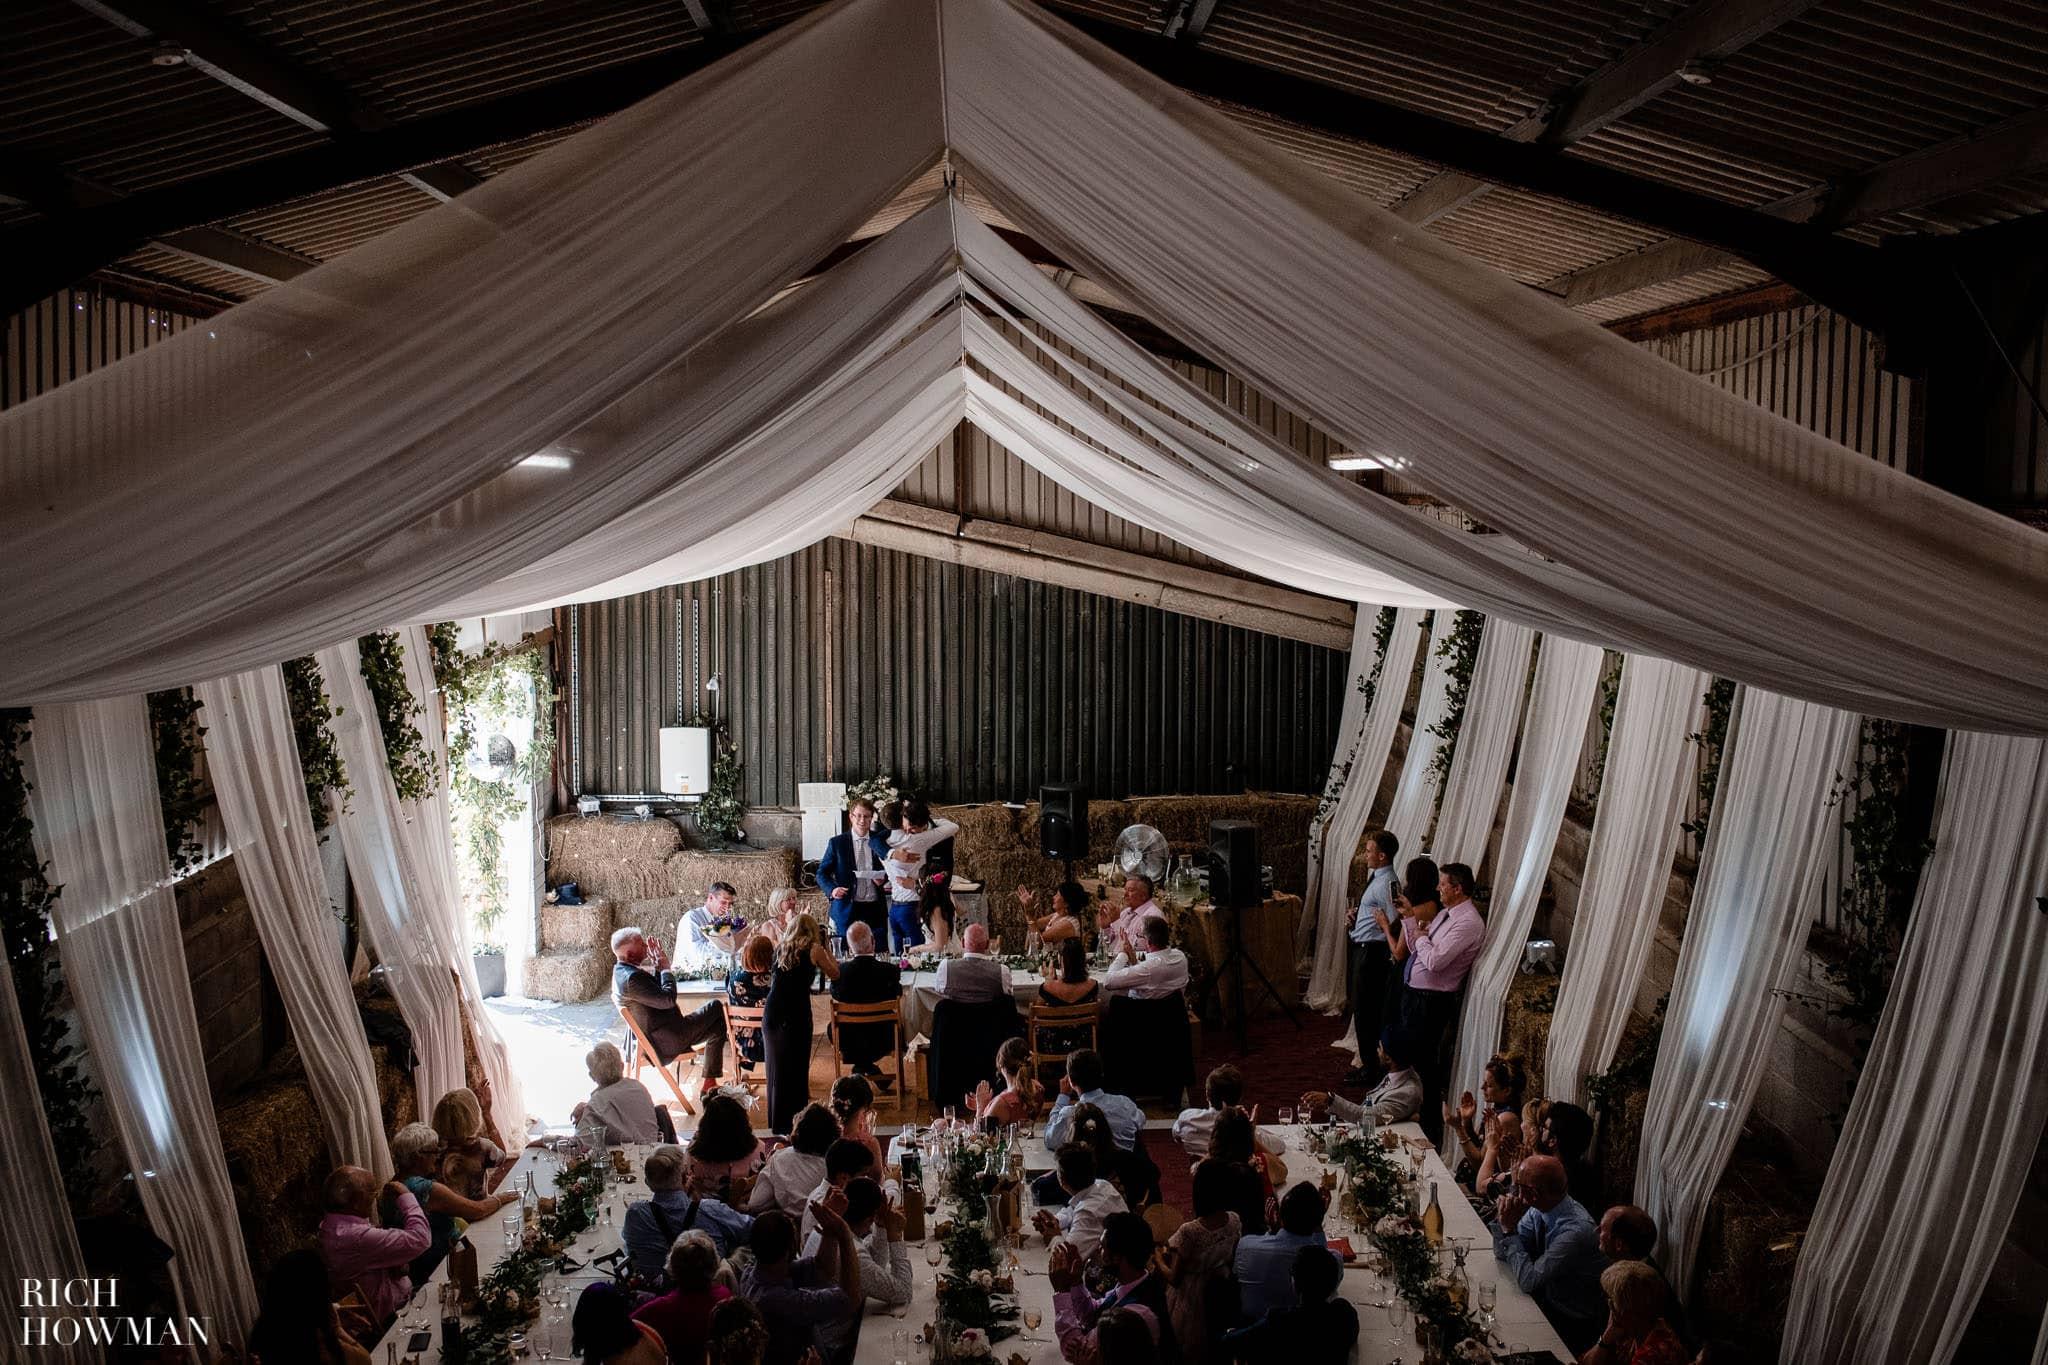 Bath Guildhall Wedding | Gloucestershire Farm Reception 133